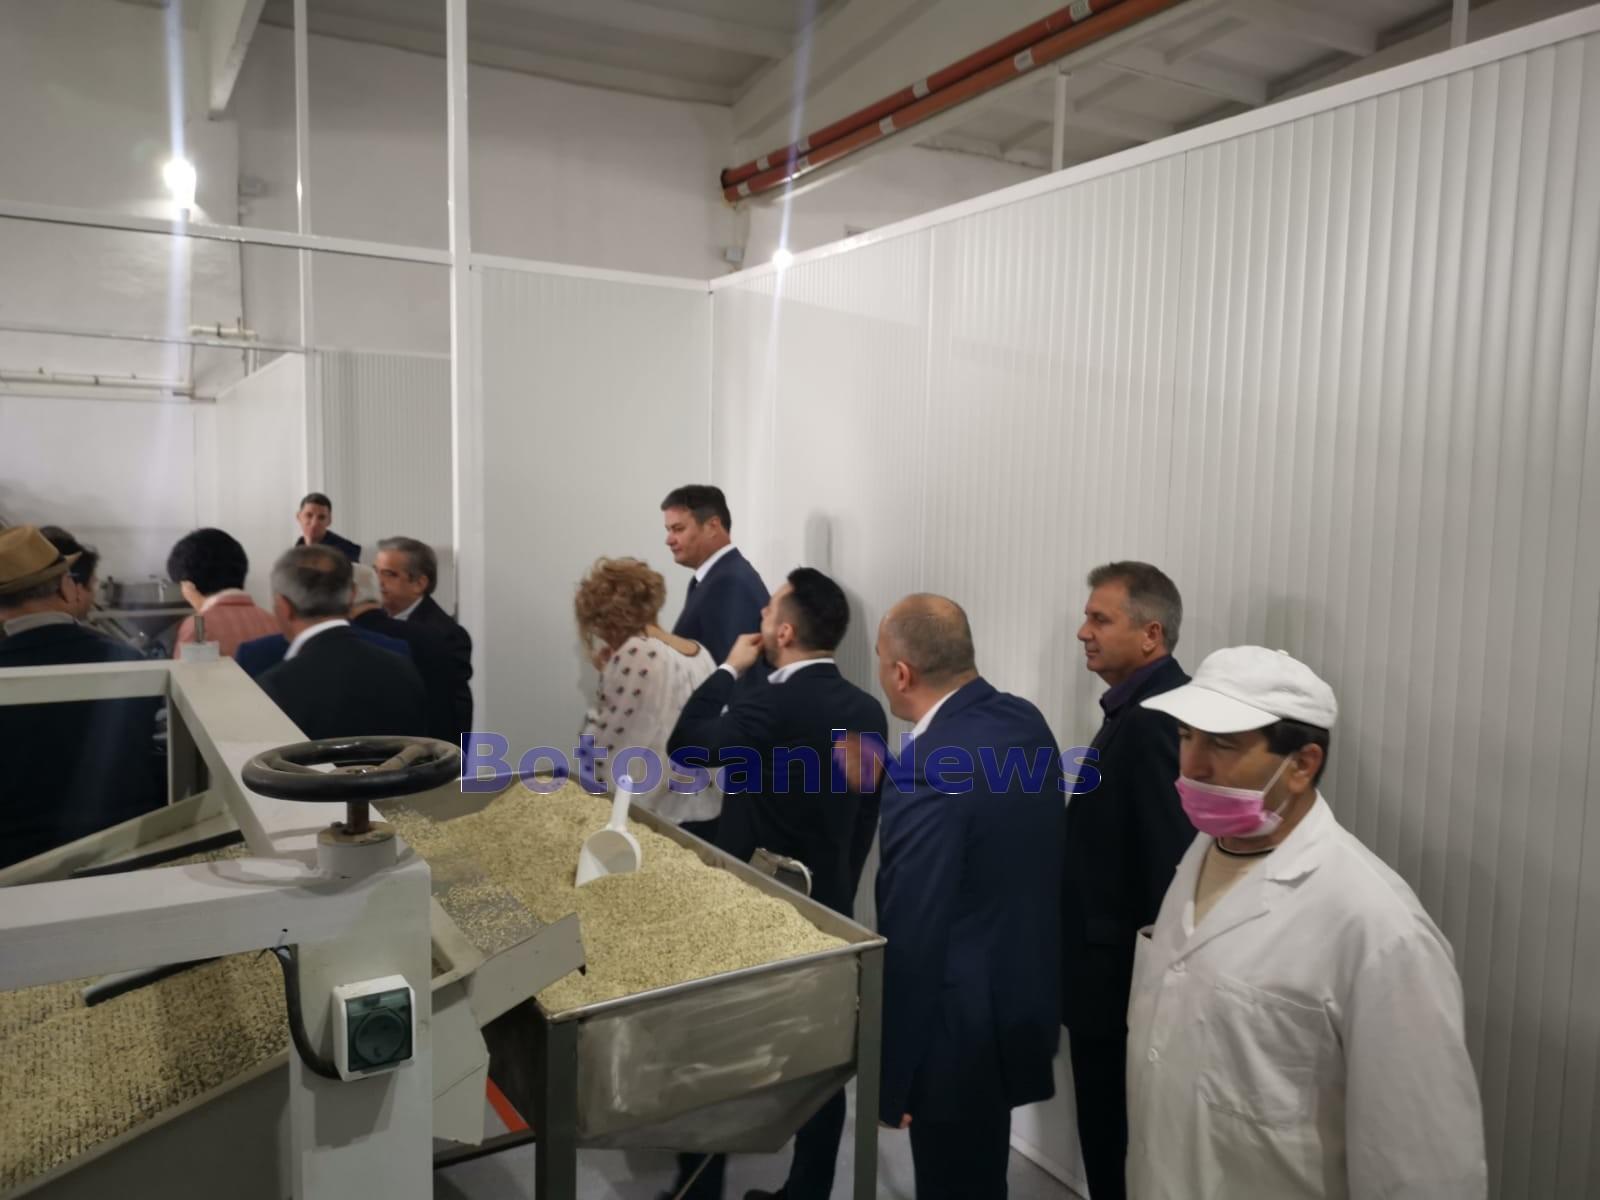 Daea promite subventii mai mari la canepa, dupa ce a vizitat fabrica de ulei din Dorohoi